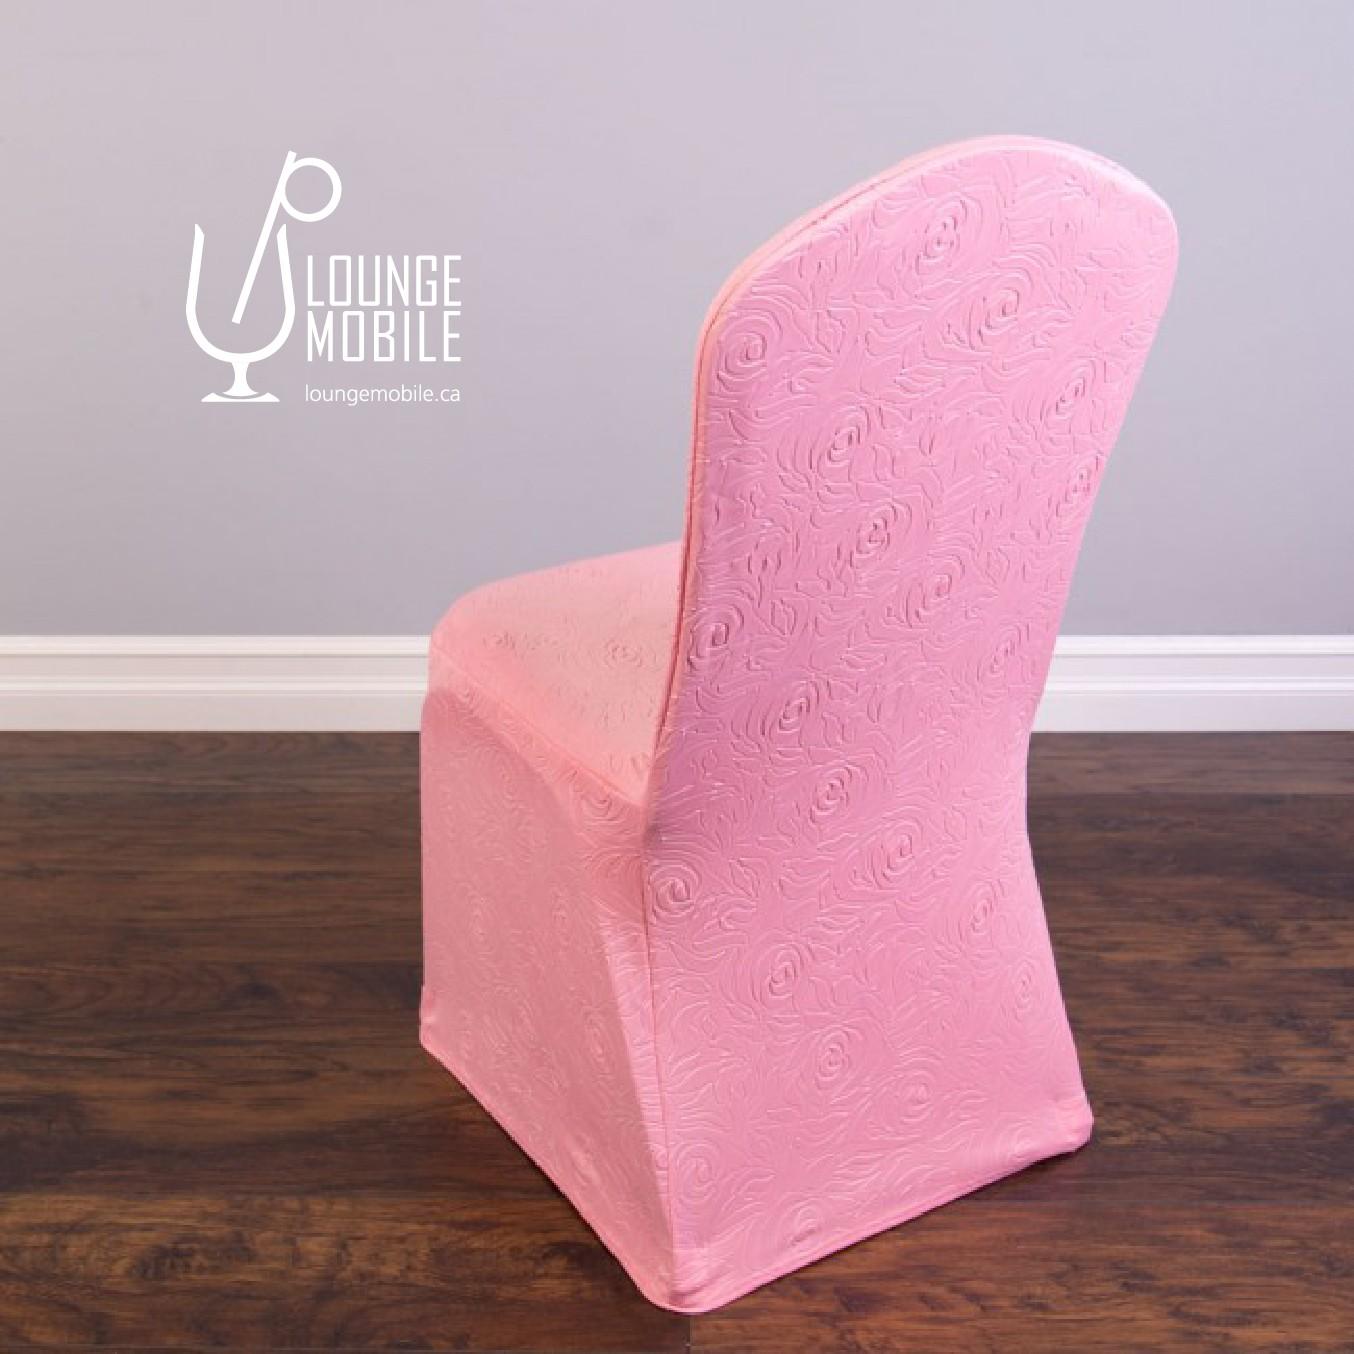 housse de chaise lycra rosettes rose housses de chaises les productions c l brason site. Black Bedroom Furniture Sets. Home Design Ideas